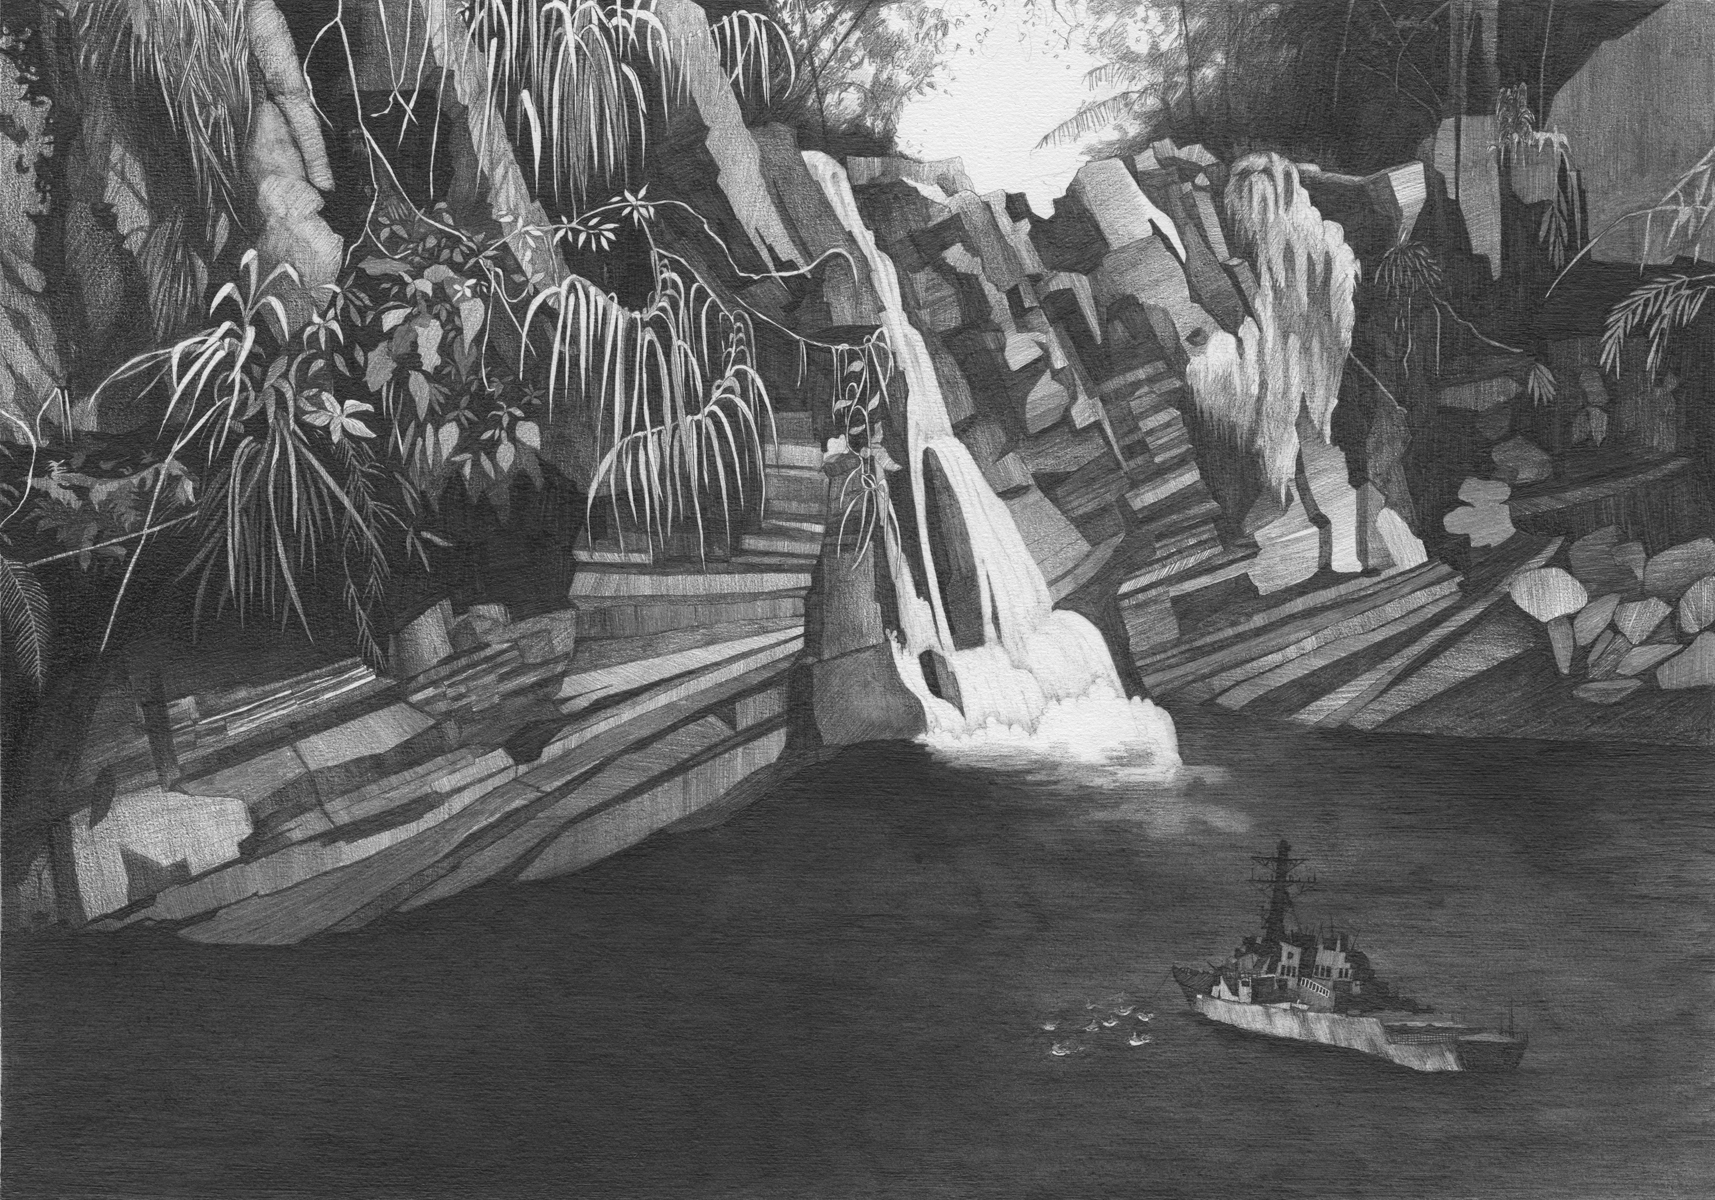 Mutiny at the Falls